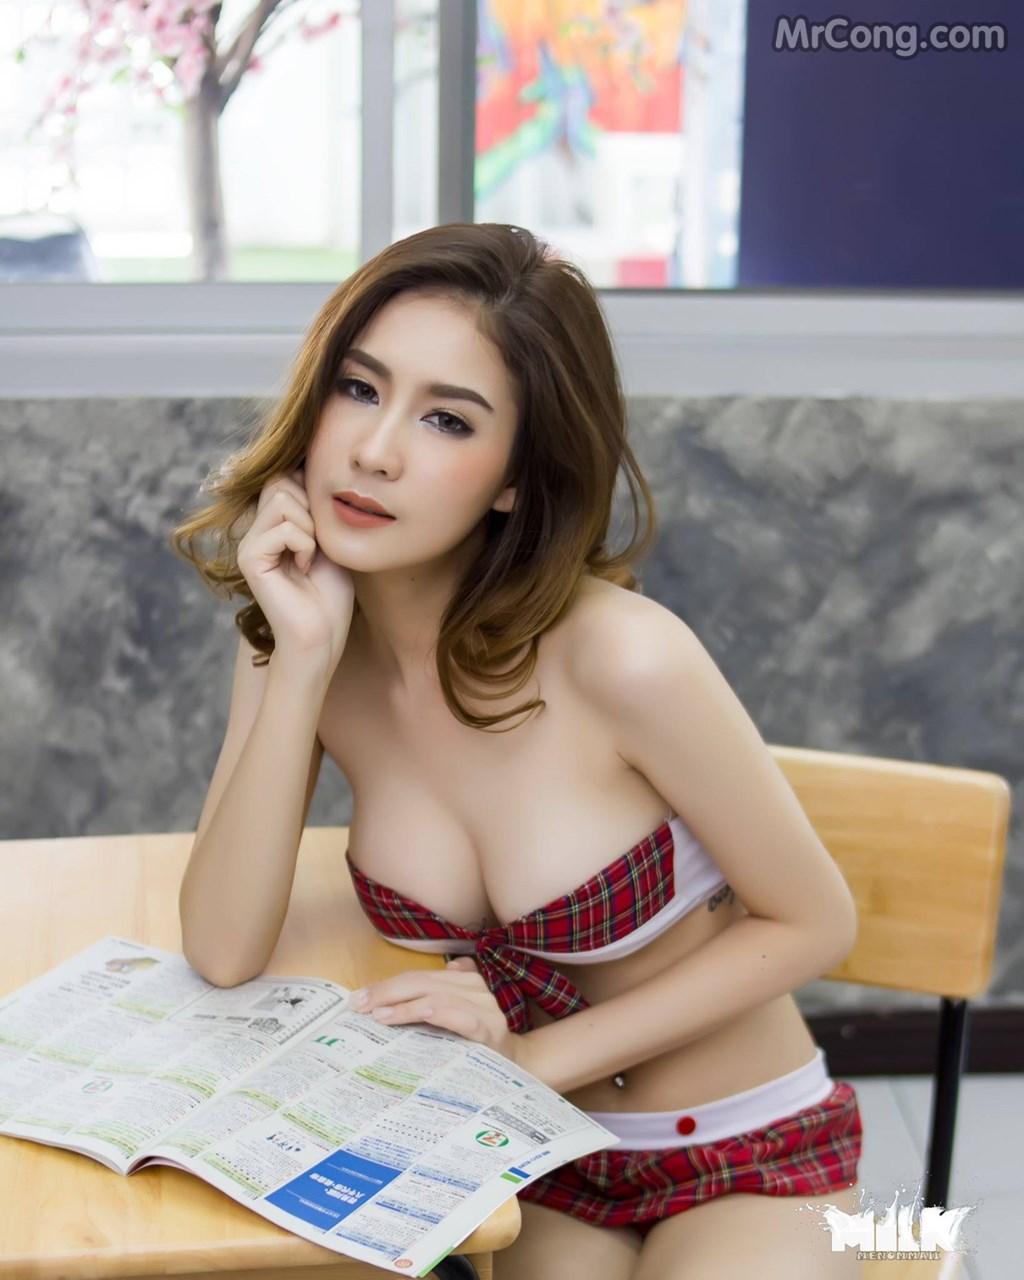 Image Nguoi-mau-Thai-Lan-Thanyarat-Rodpol-MrCong.com-001 in post Người đẹp Thanyarat Rodpol thả rông vòng một mê hoặc mọi ánh mắt (34 ảnh)